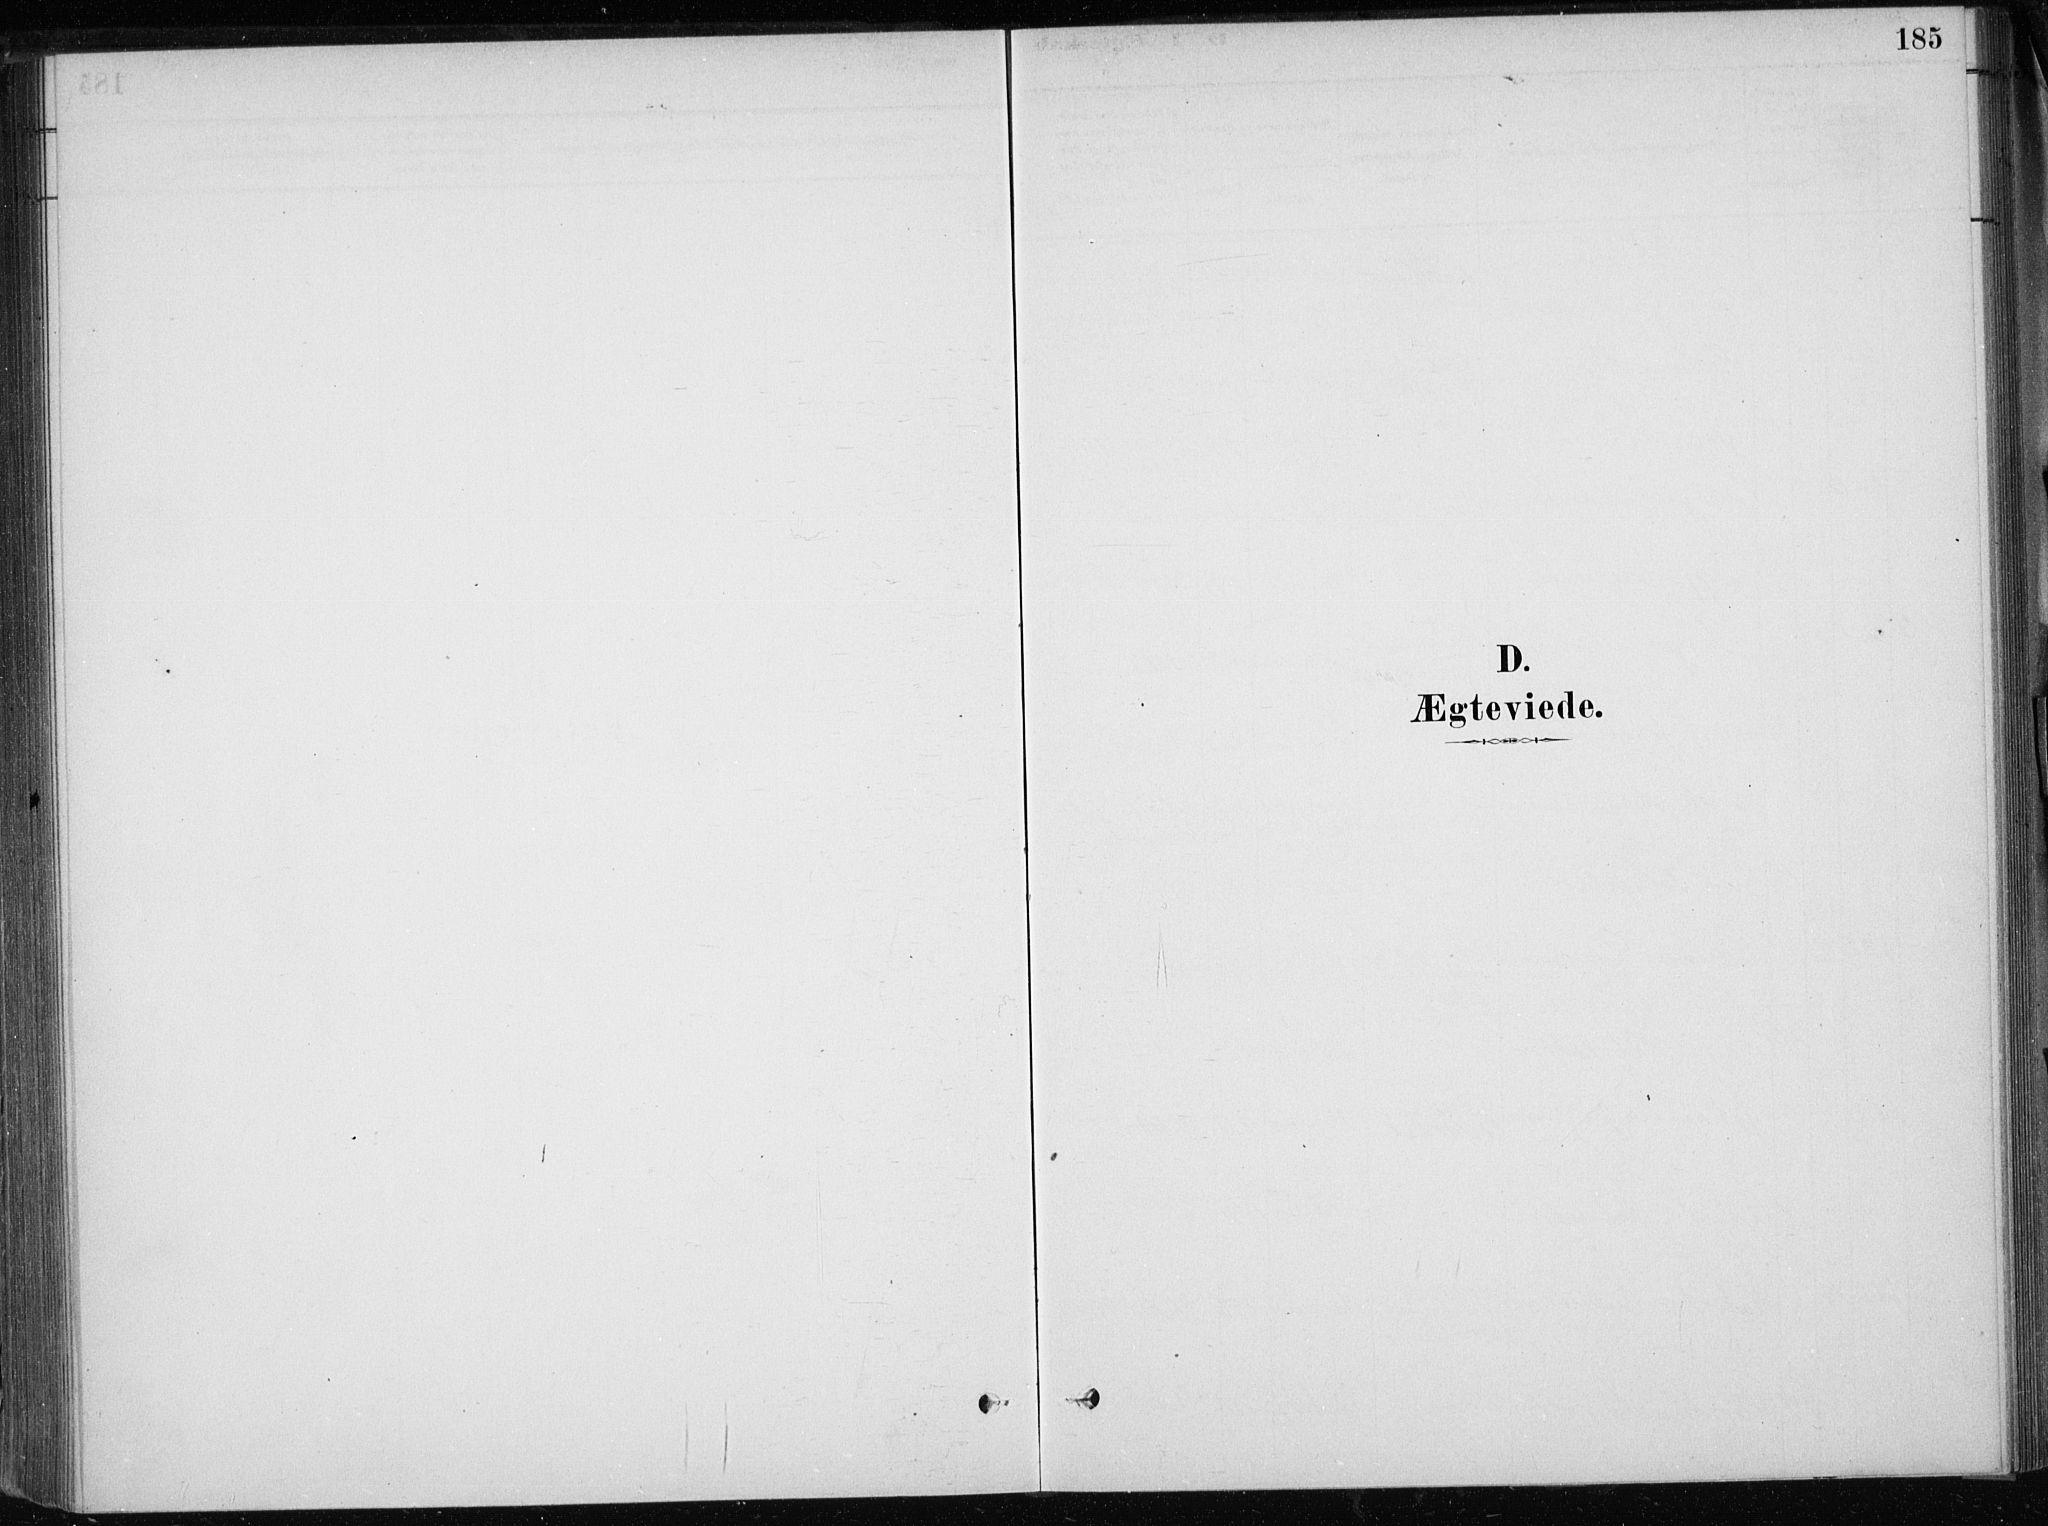 SAB, Skånevik Sokneprestembete, H/Haa: Ministerialbok nr. E  1, 1879-1901, s. 185